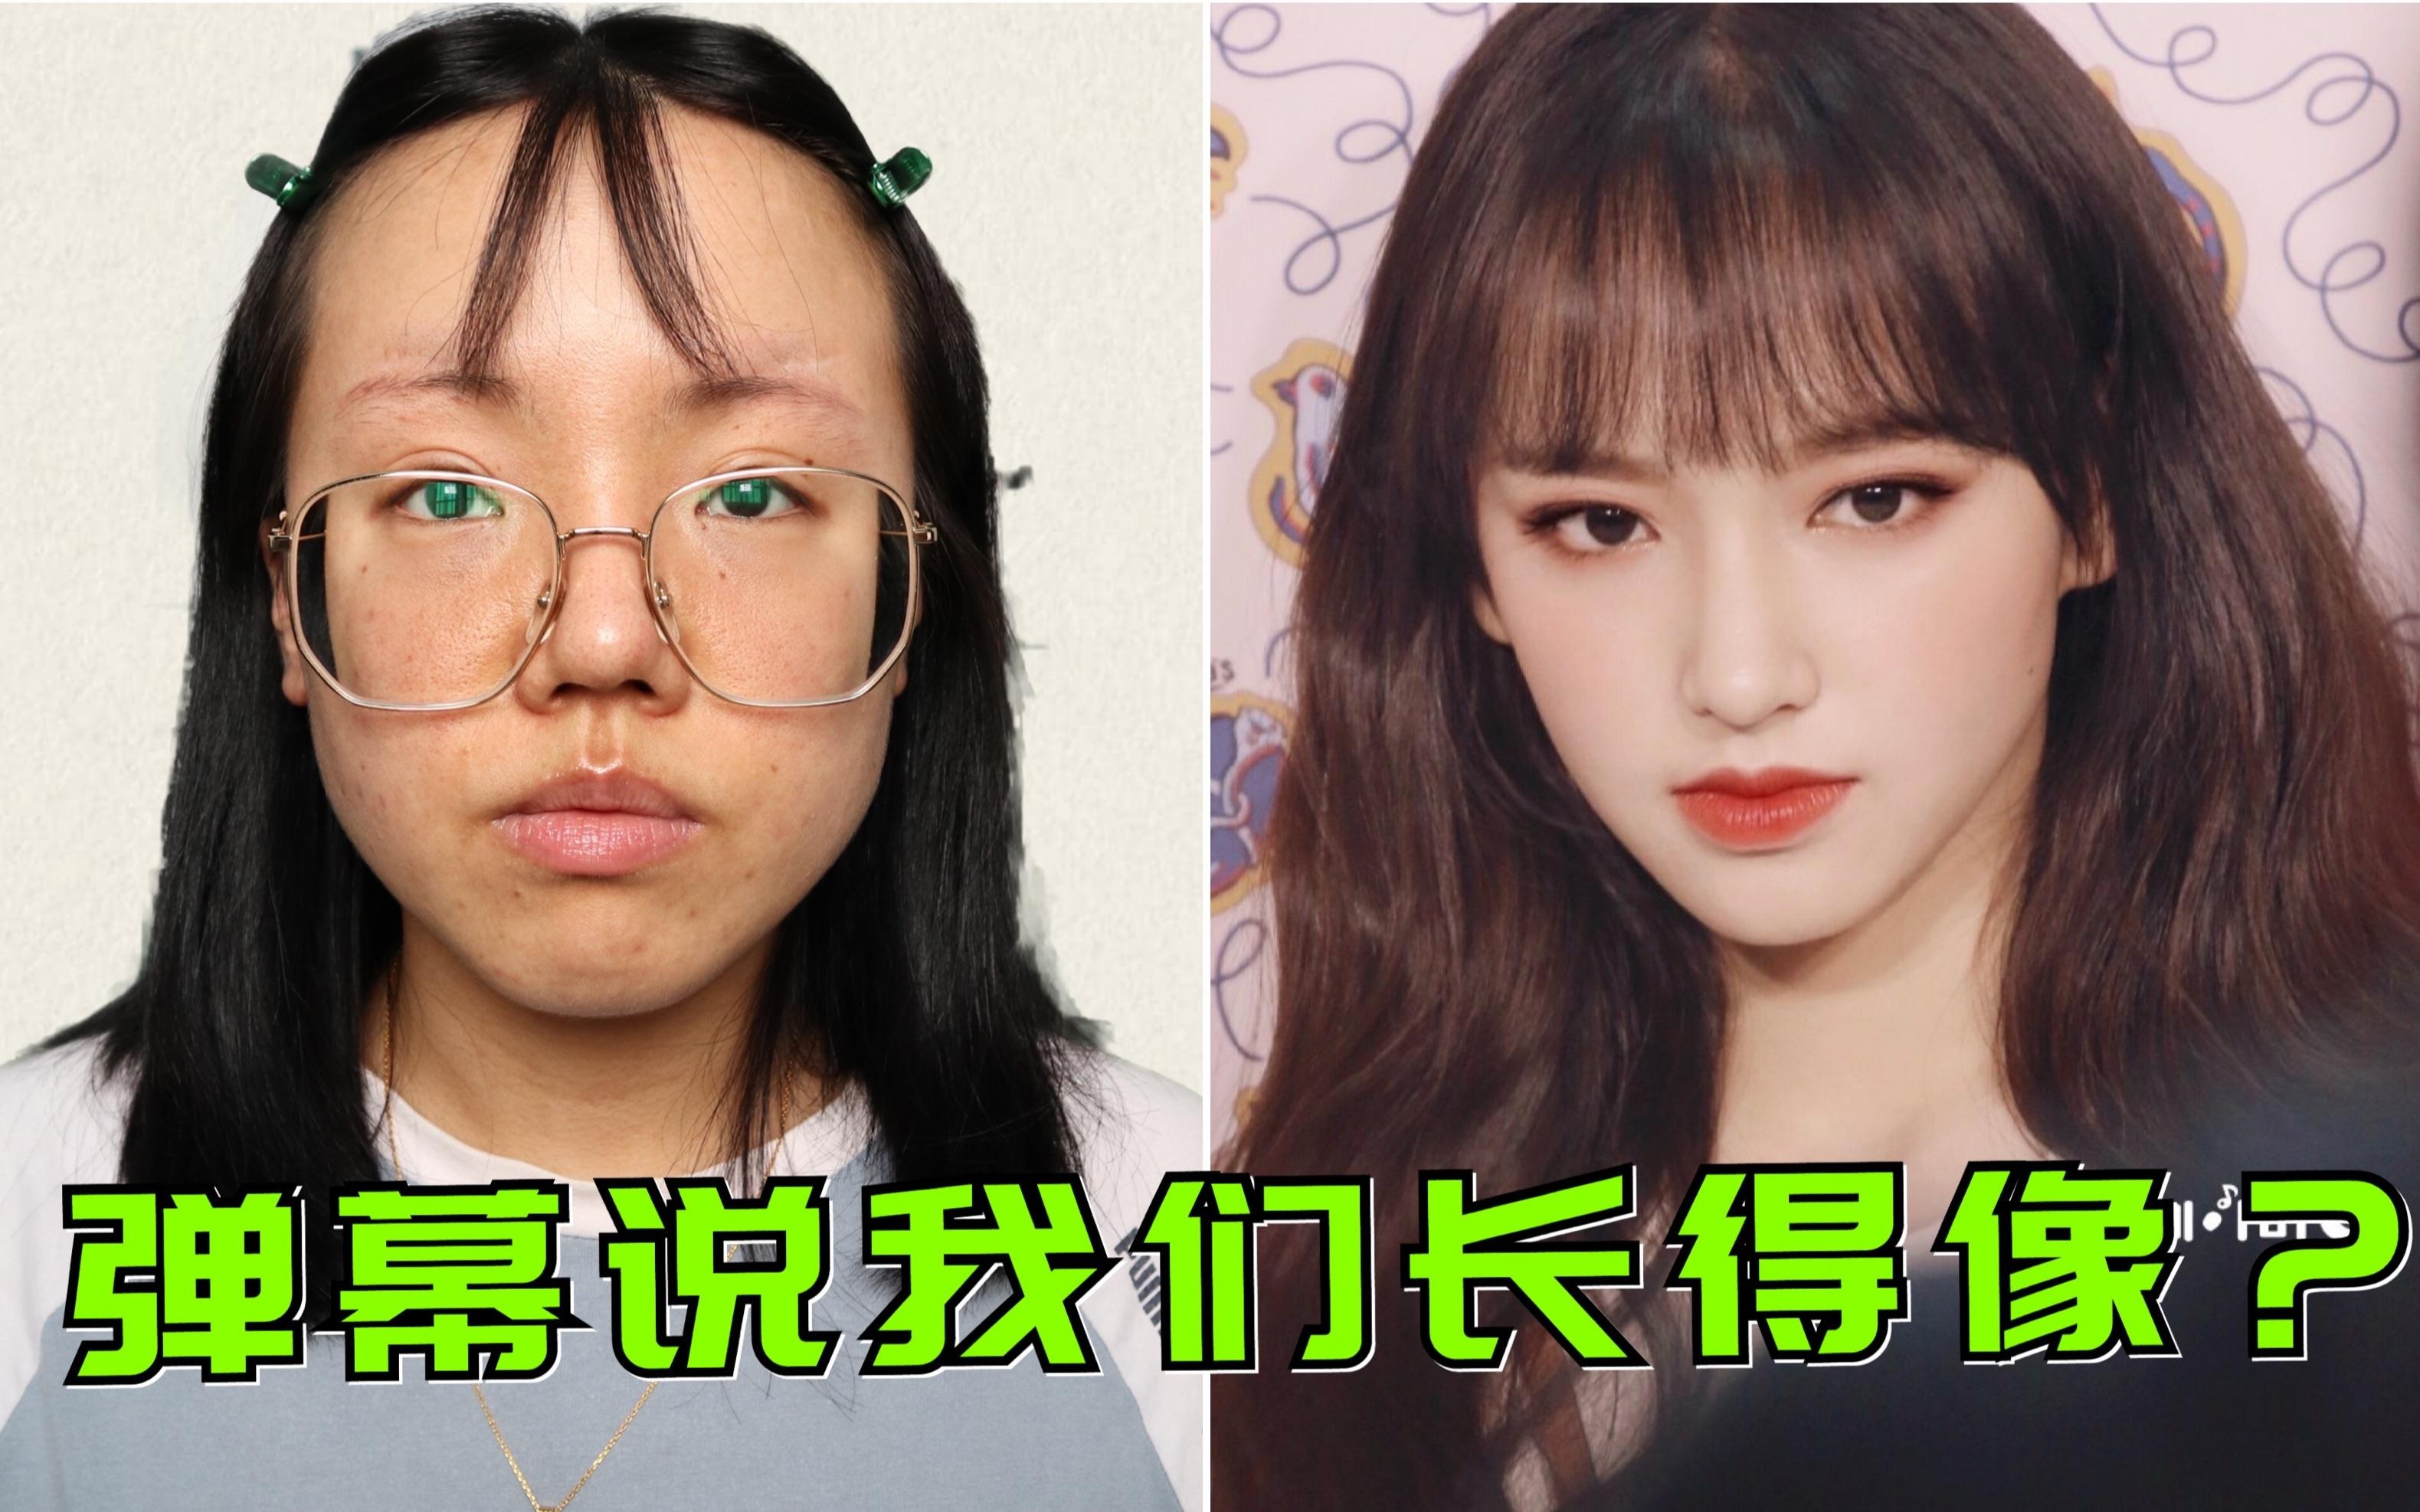 妆发相机_长相普通,技术一般,(企图)把自己画成粉丝说我像的某一 ...